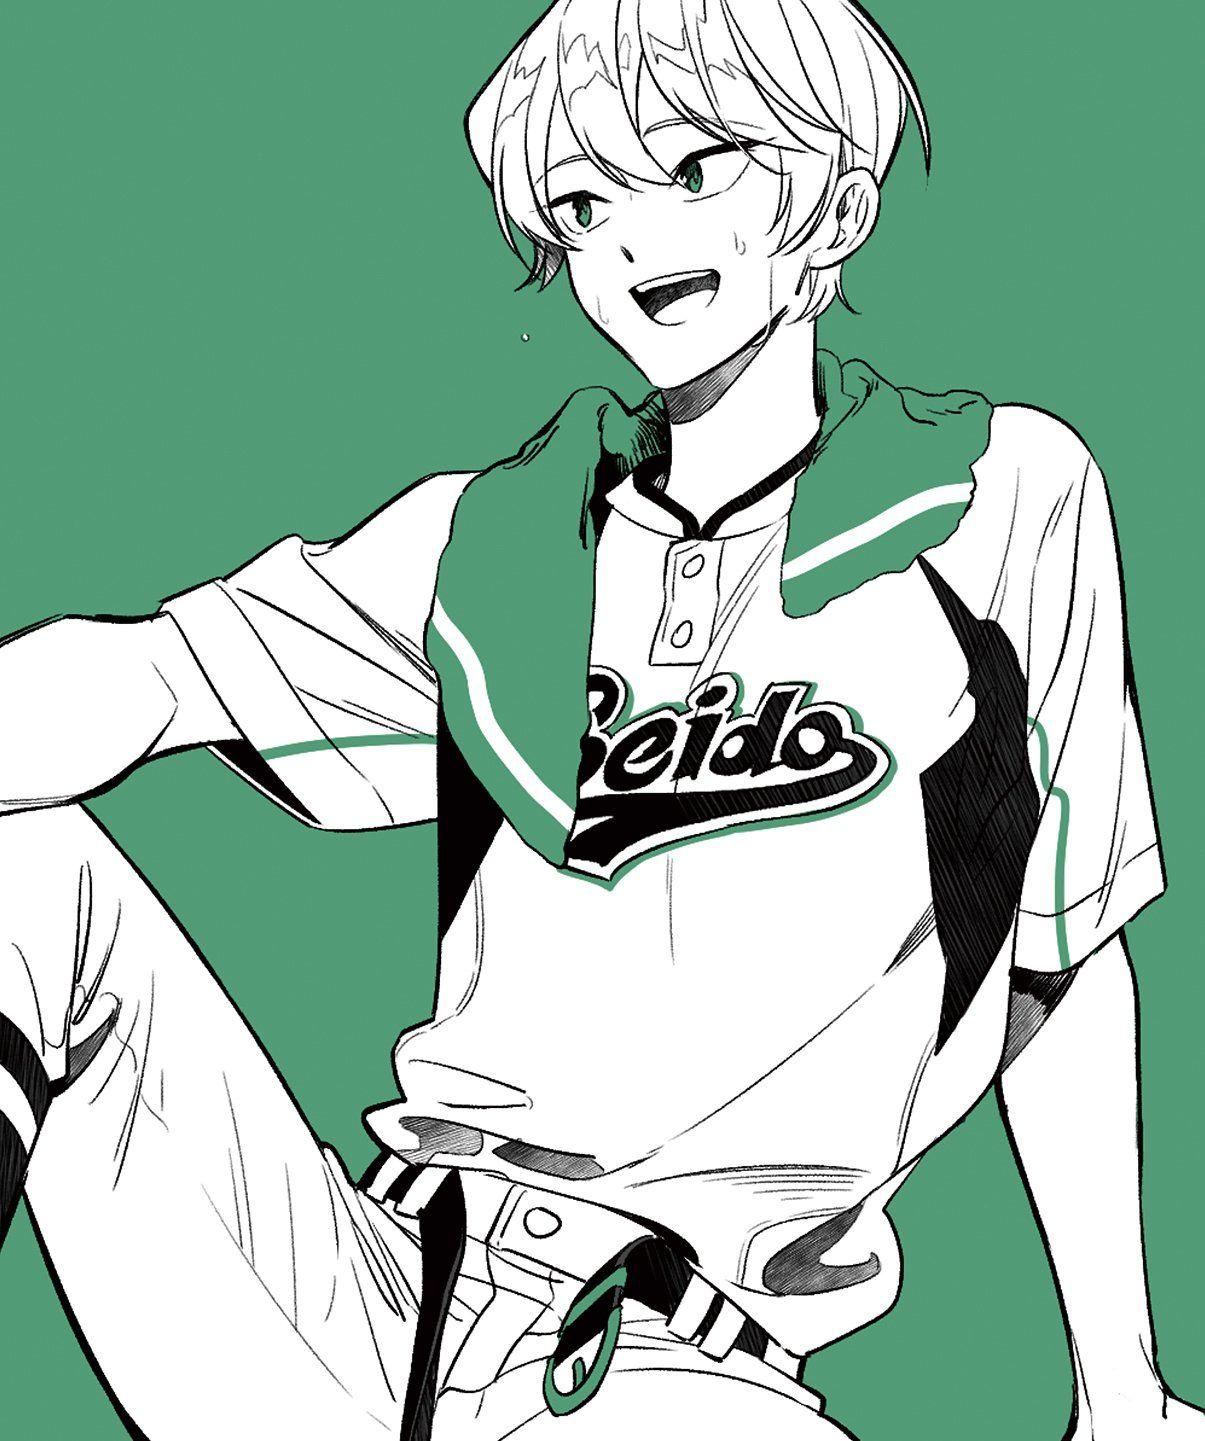 반 ️) A떠드는룽지 on in 2020 Ace of diamonds, Sports anime, Ace